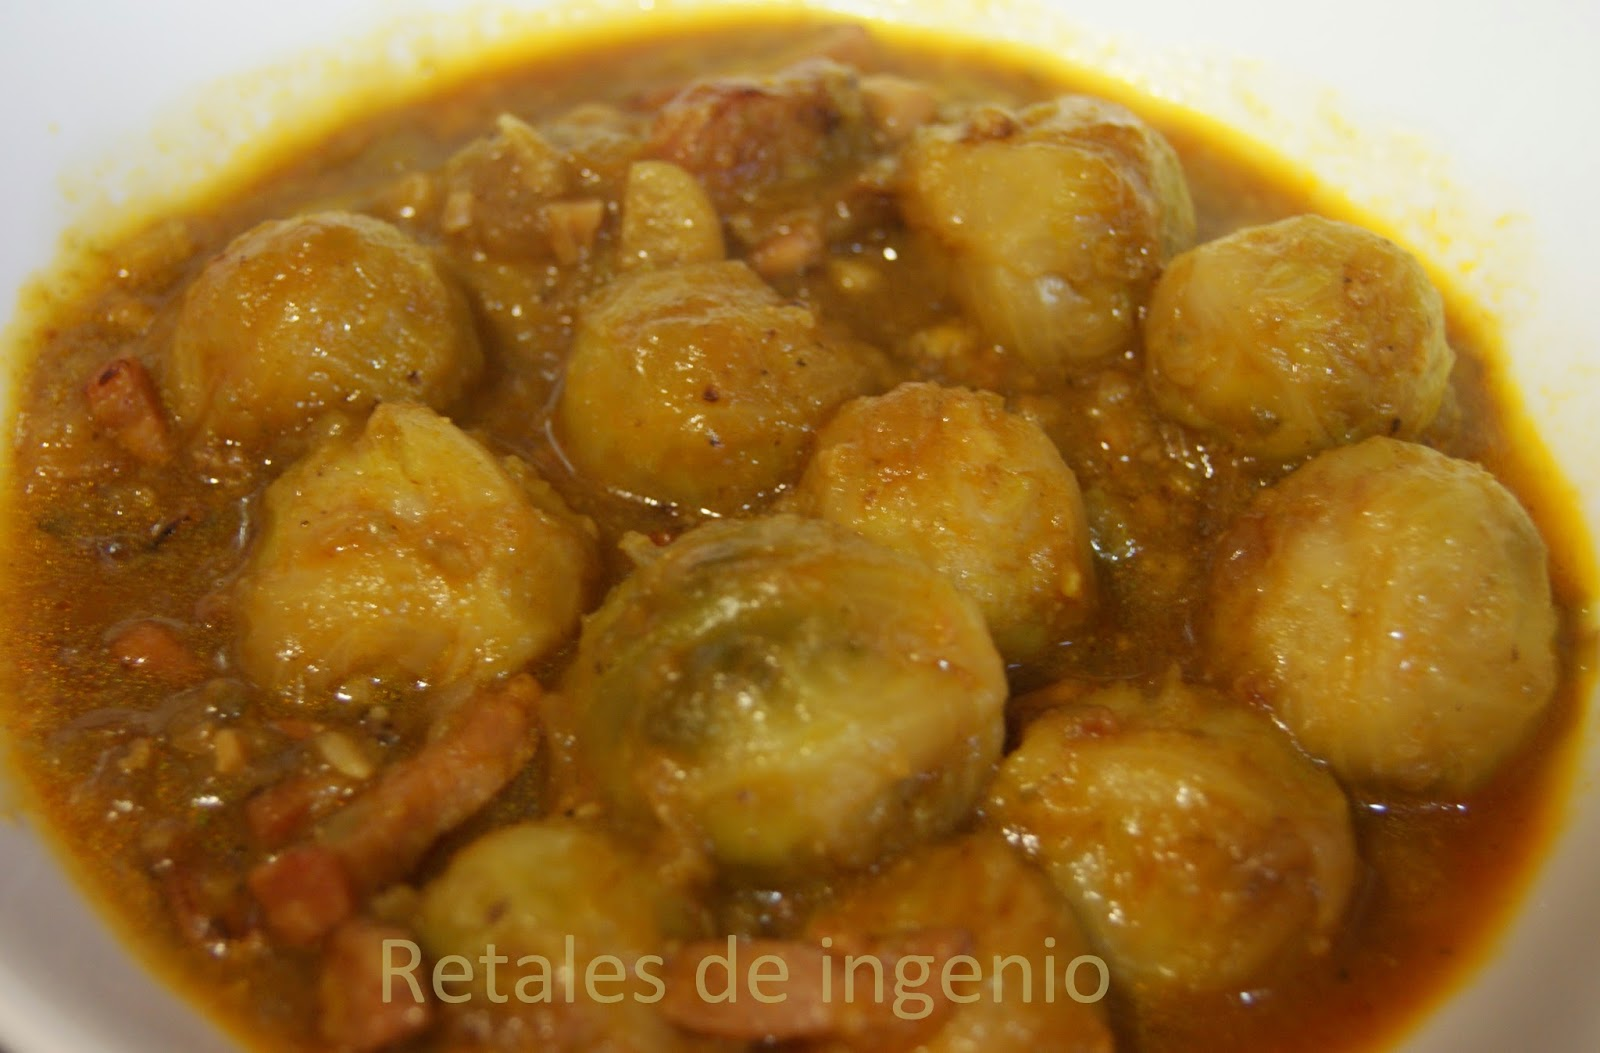 Retales de ingenio recetas y diet tica coles de bruselas - Cocer coles de bruselas ...